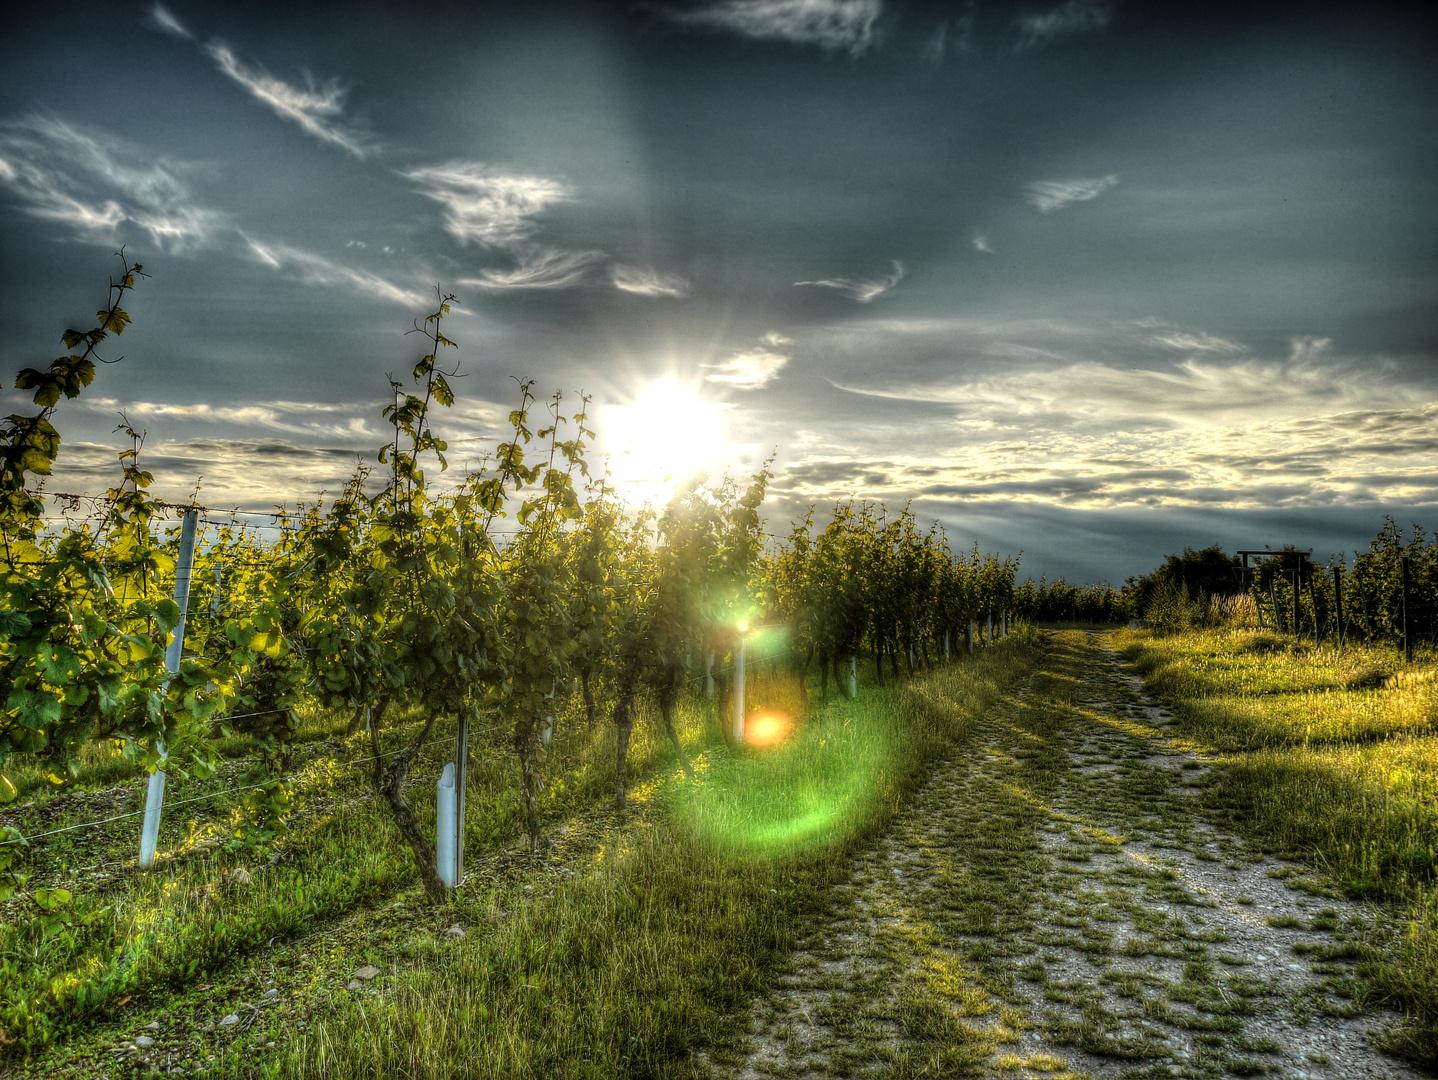 Sonnenuntergang in den Weinbergen Bad Kreuznach